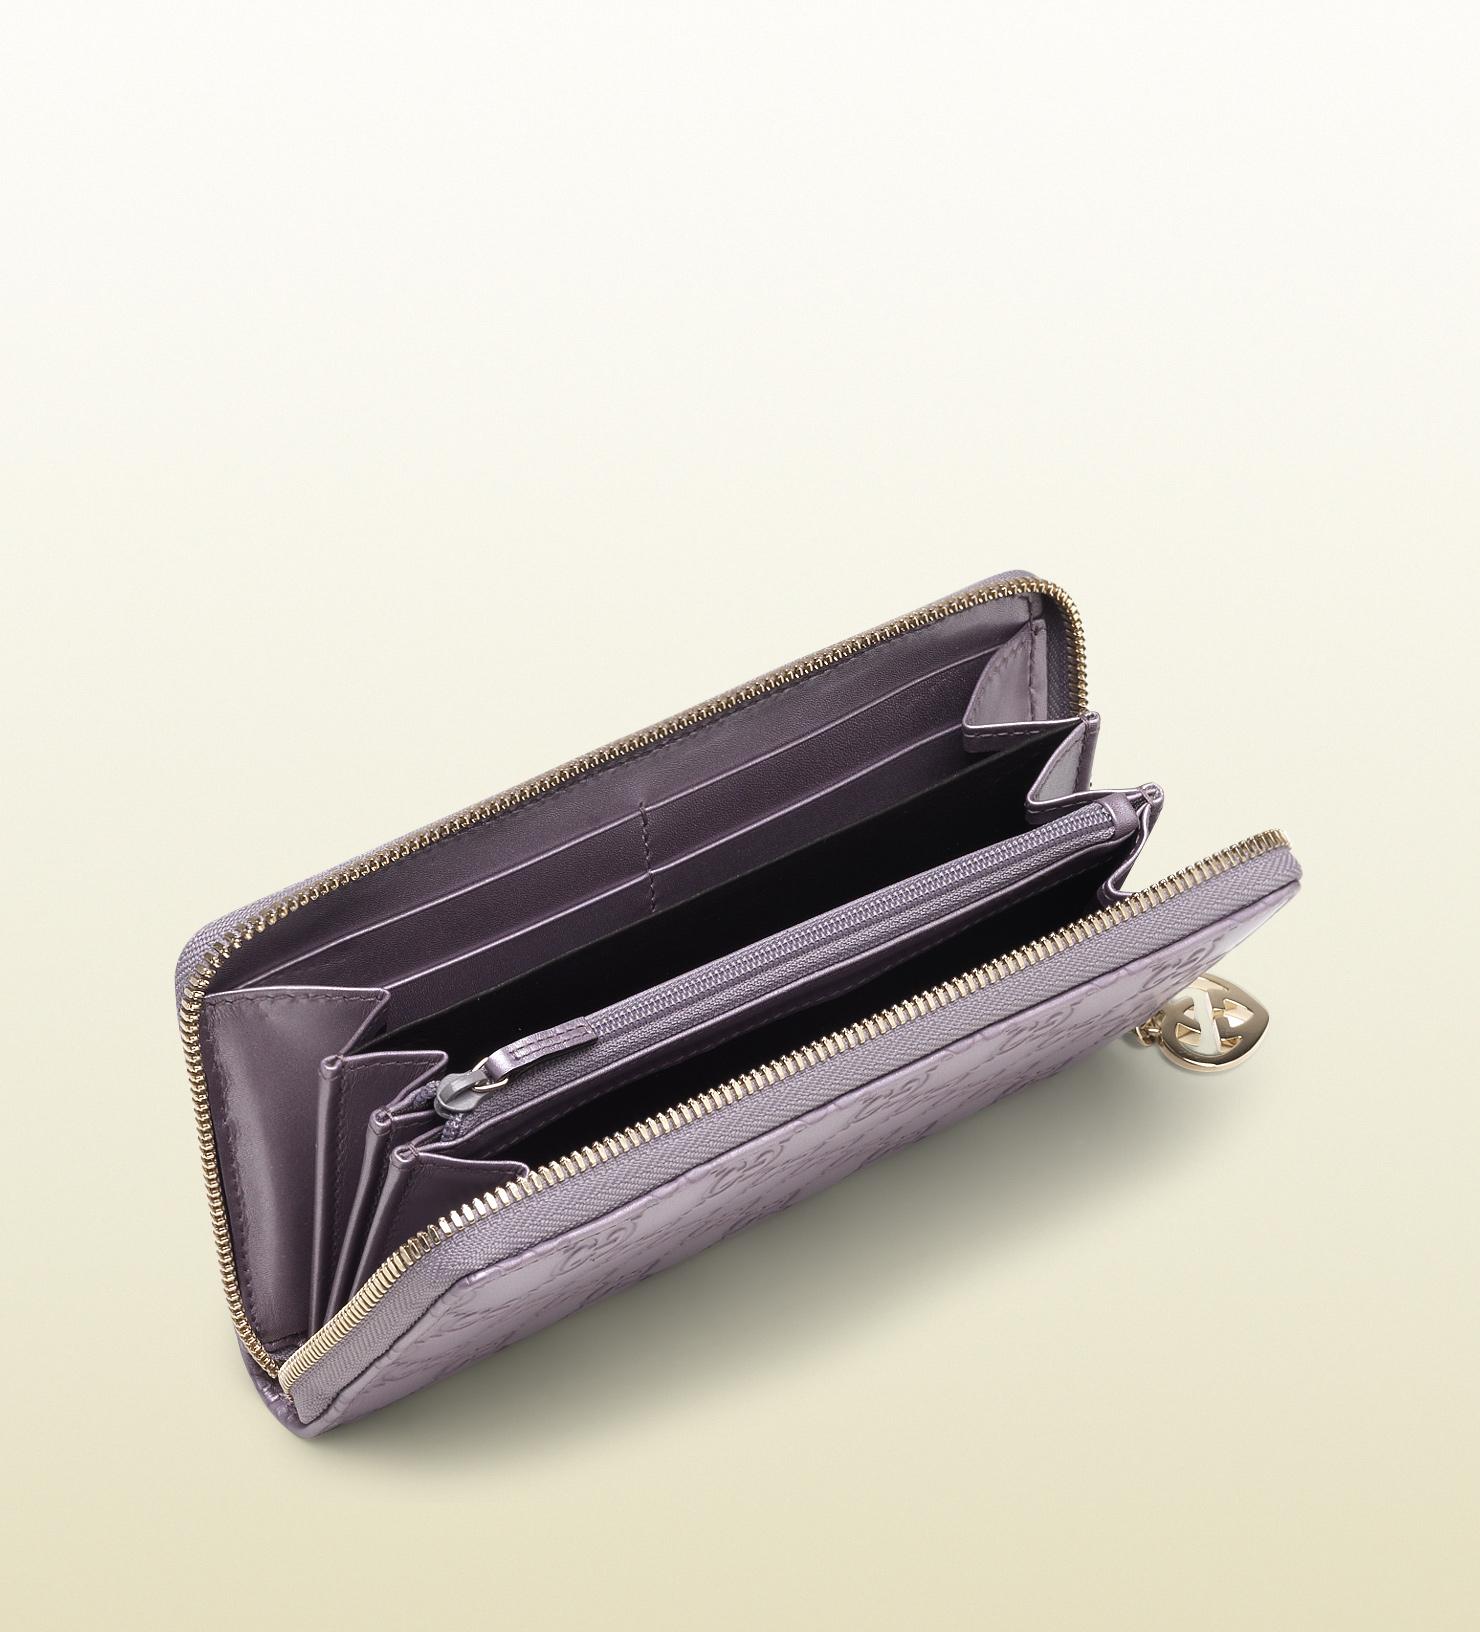 b69e4f8c7cc9 Gucci Lila Metallic Guccissima Leather Zip Around Wallet in Purple ...